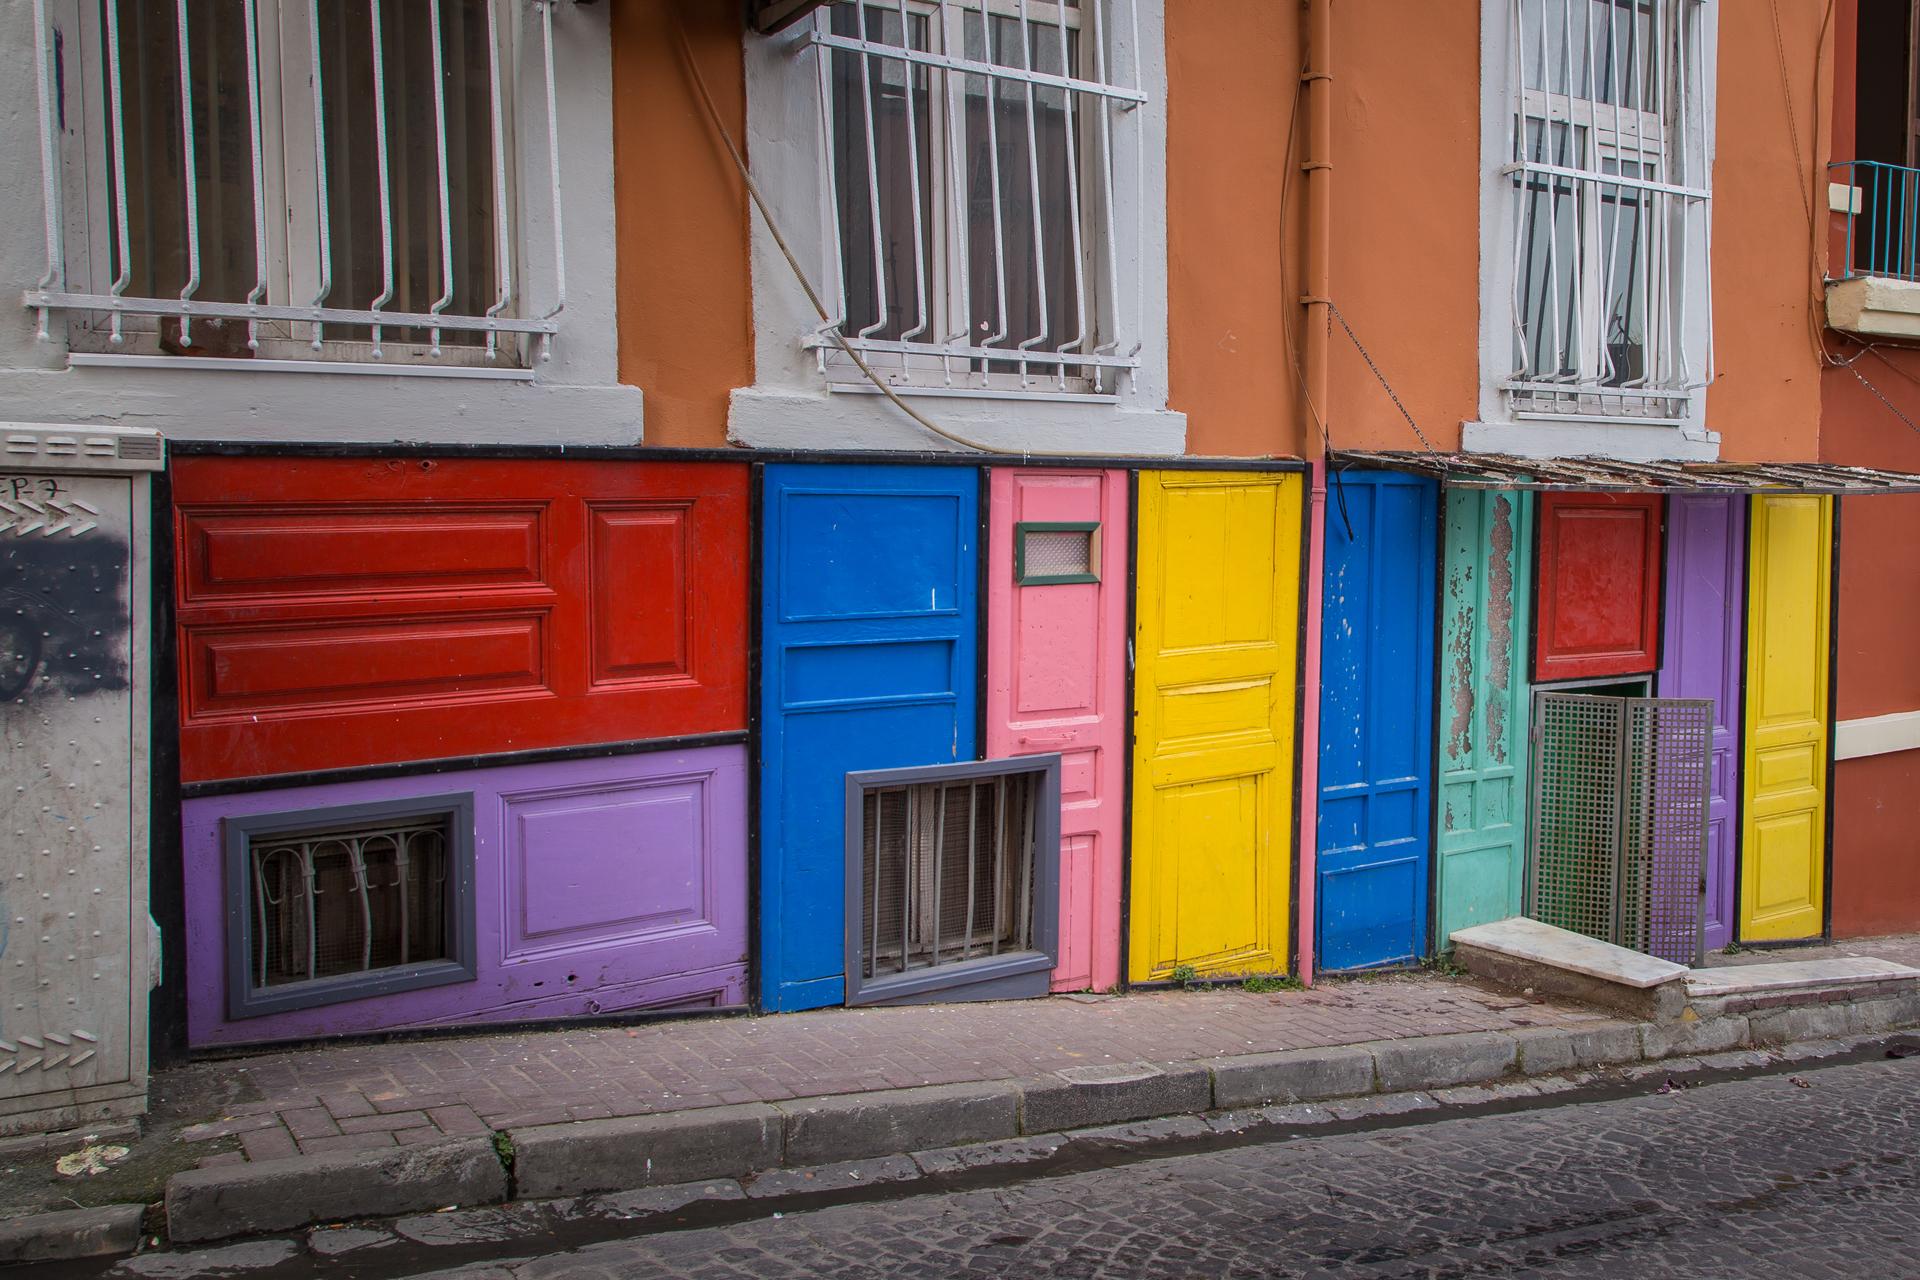 Un tradicional barrio de Estambul ubicado al sur de Cuerno de Oro donde habitaban los judíos expulsados de España. Llamala atención por tener las puertas pintadas de colores vibrantes (iStock)